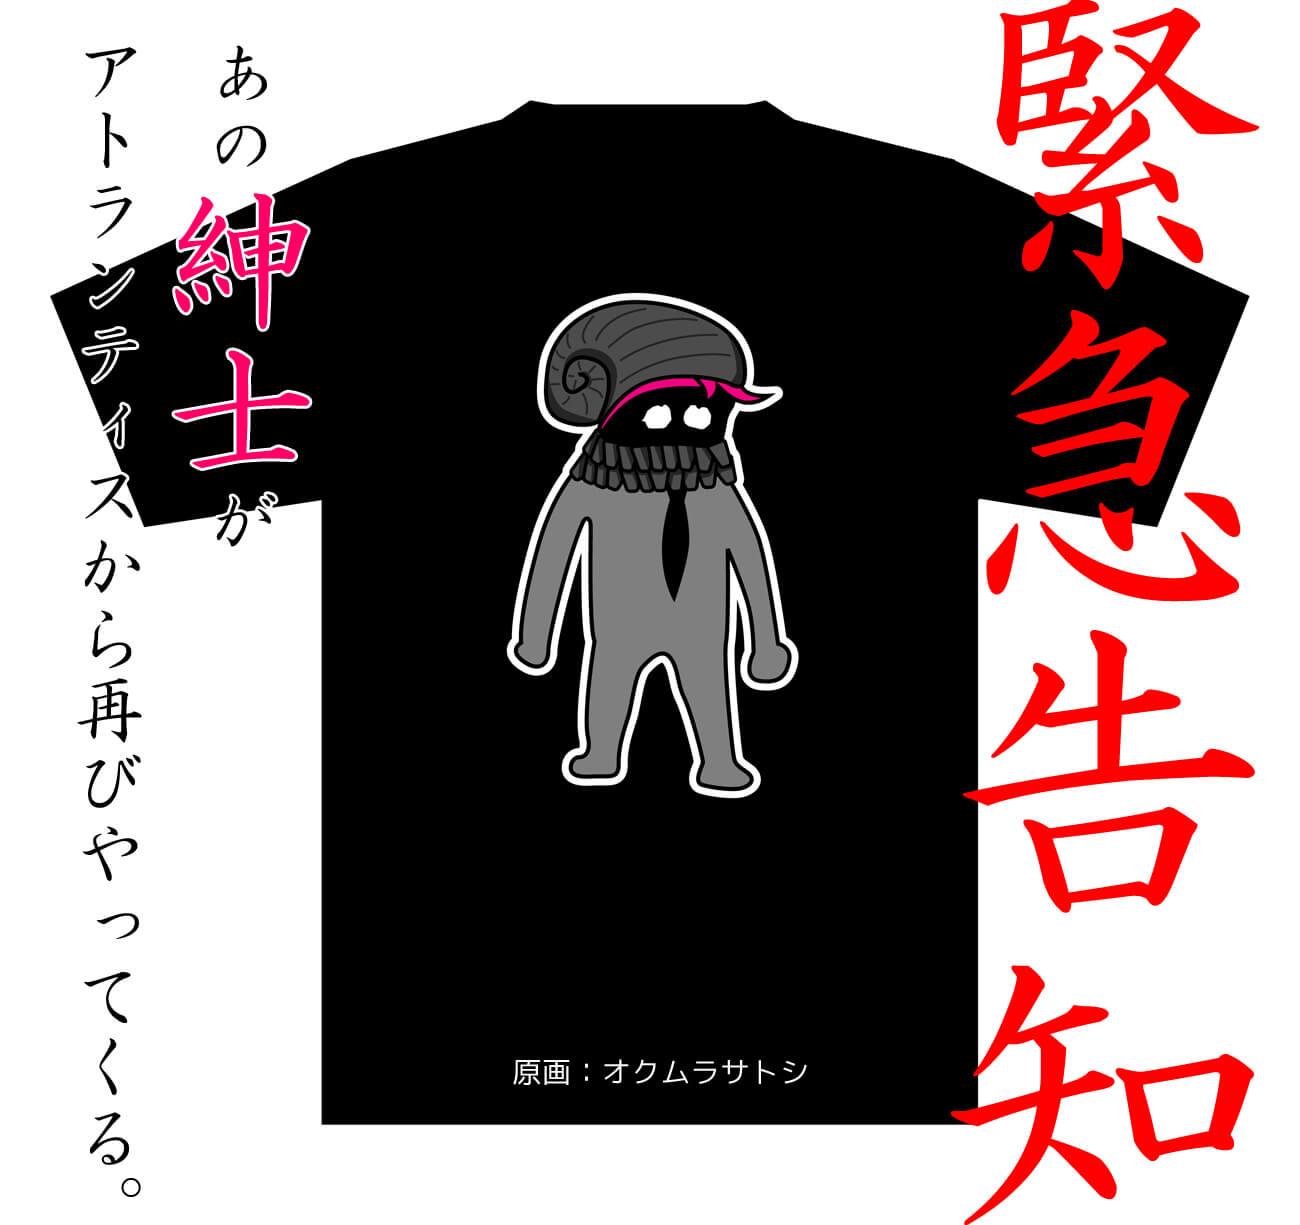 「海底紳士スケおじさん」Tシャツ販売決定!